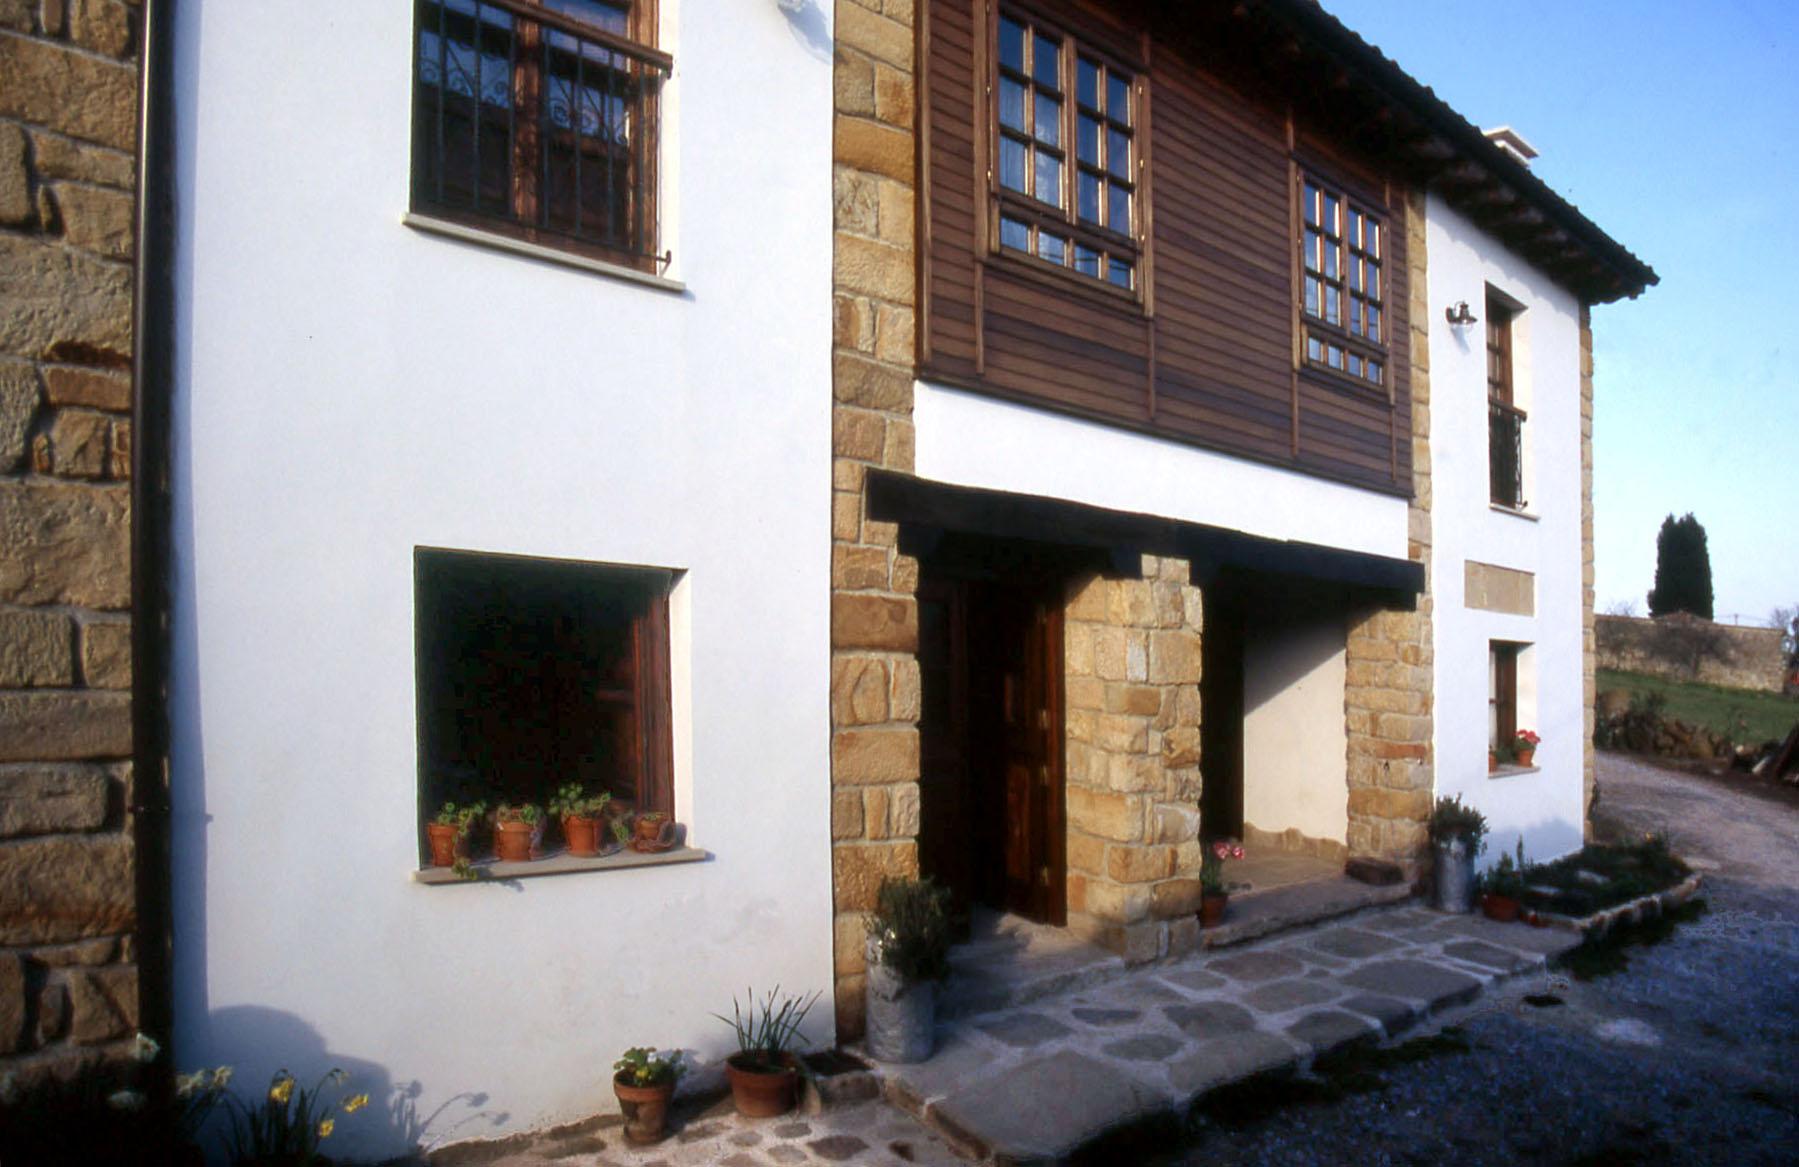 C. Aldea Arboleya